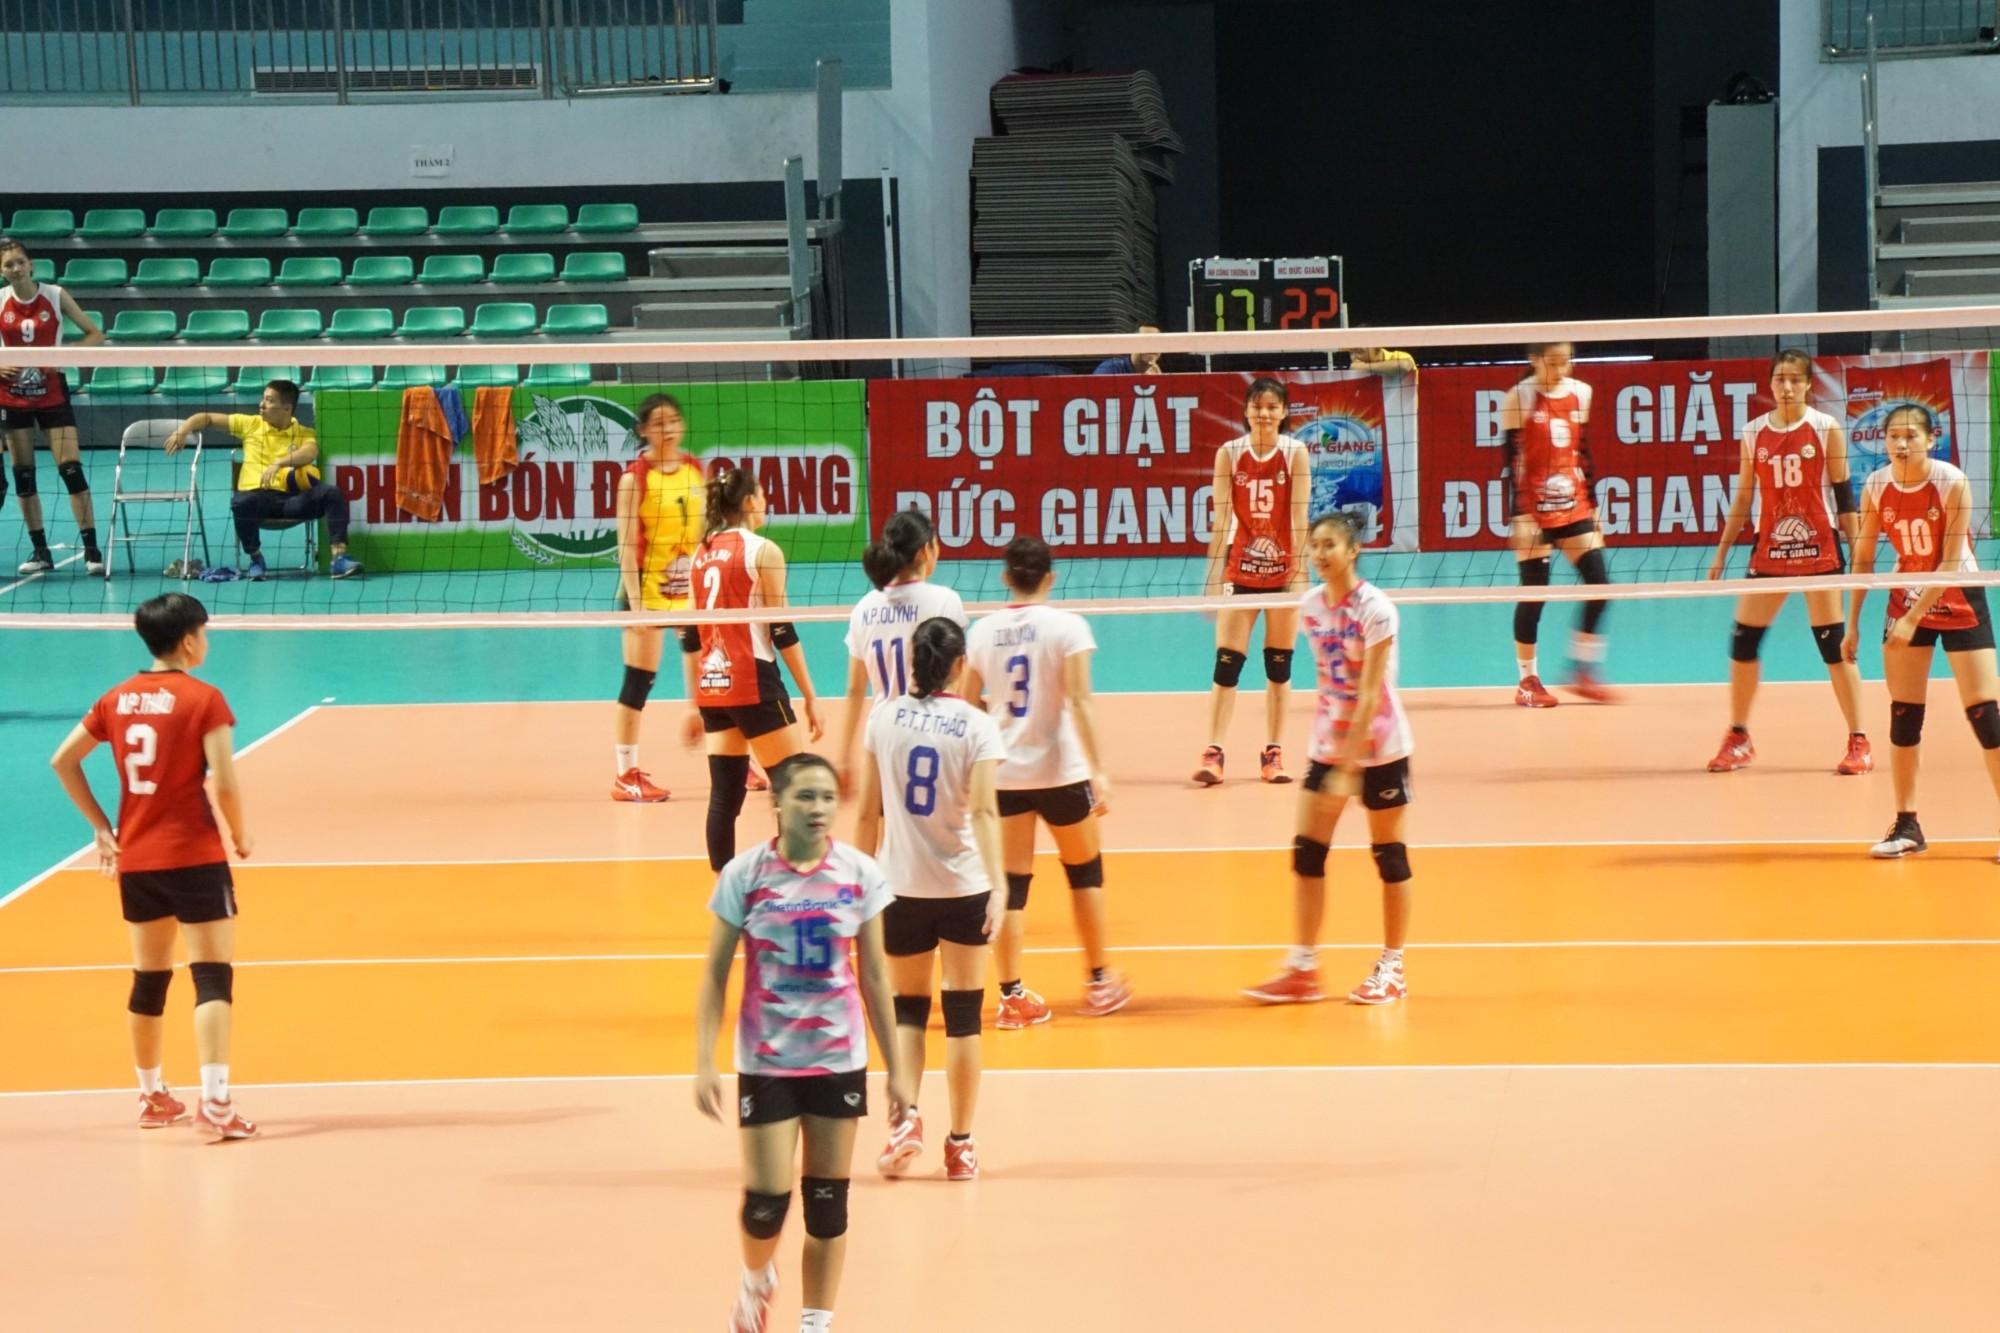 Đội Bóng chuyền nữ Vietinbank lọt Top 4 đội mạnh nhất tại Giải Bóng chuyền trẻ Cup các Câu lạc bộ toàn quốc năm 2020